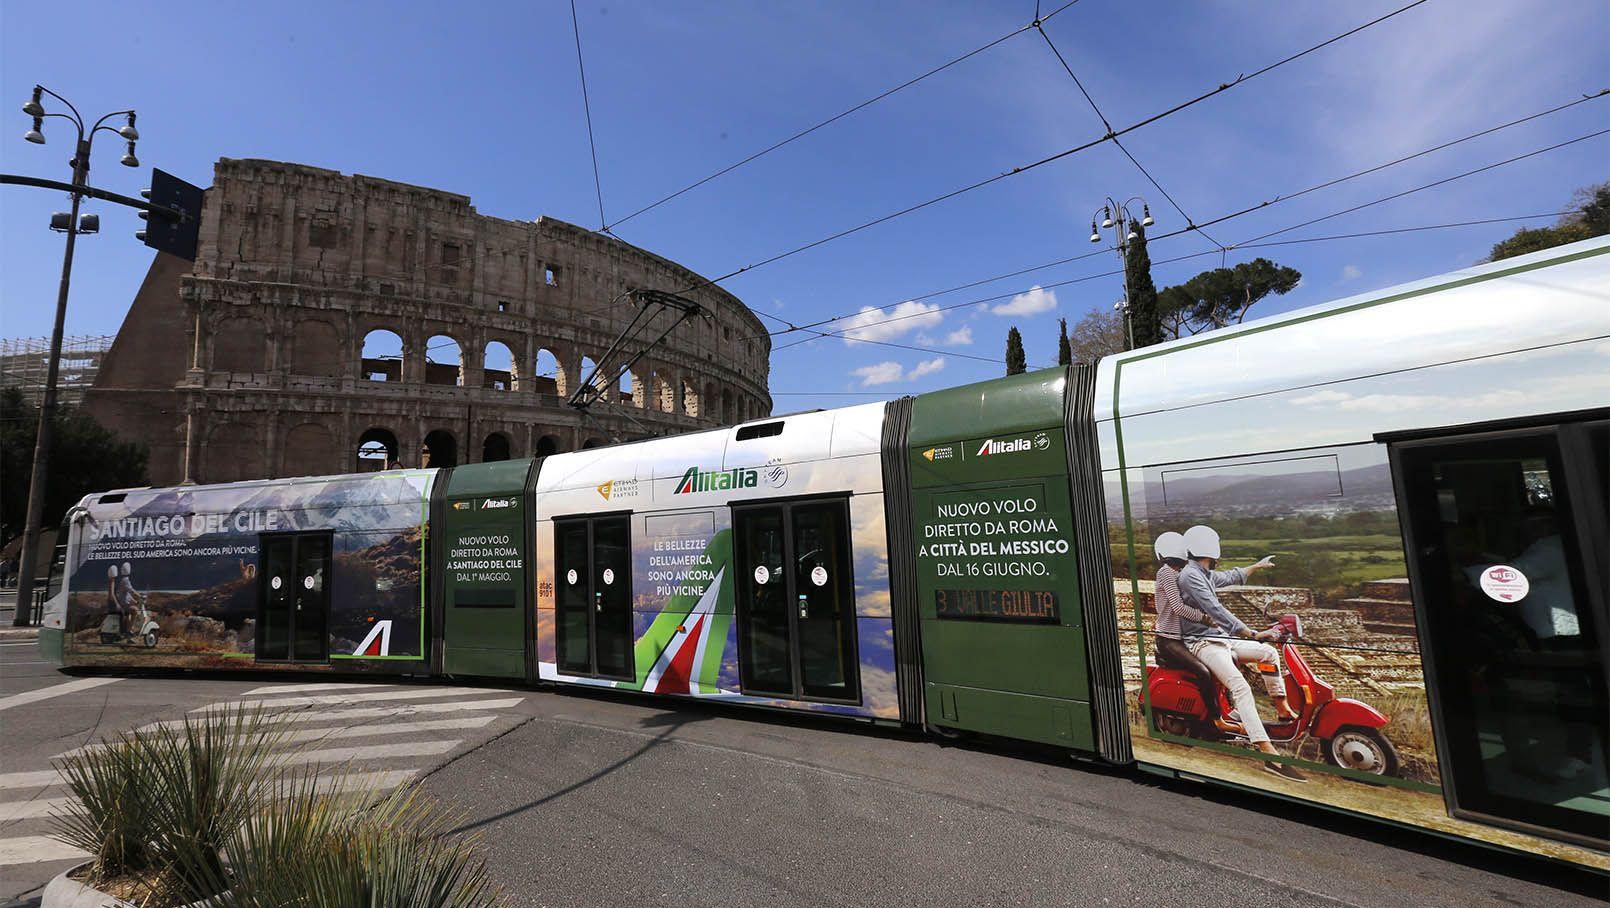 Oggi Roma compie 2769 anni... più invecchia, più diventa